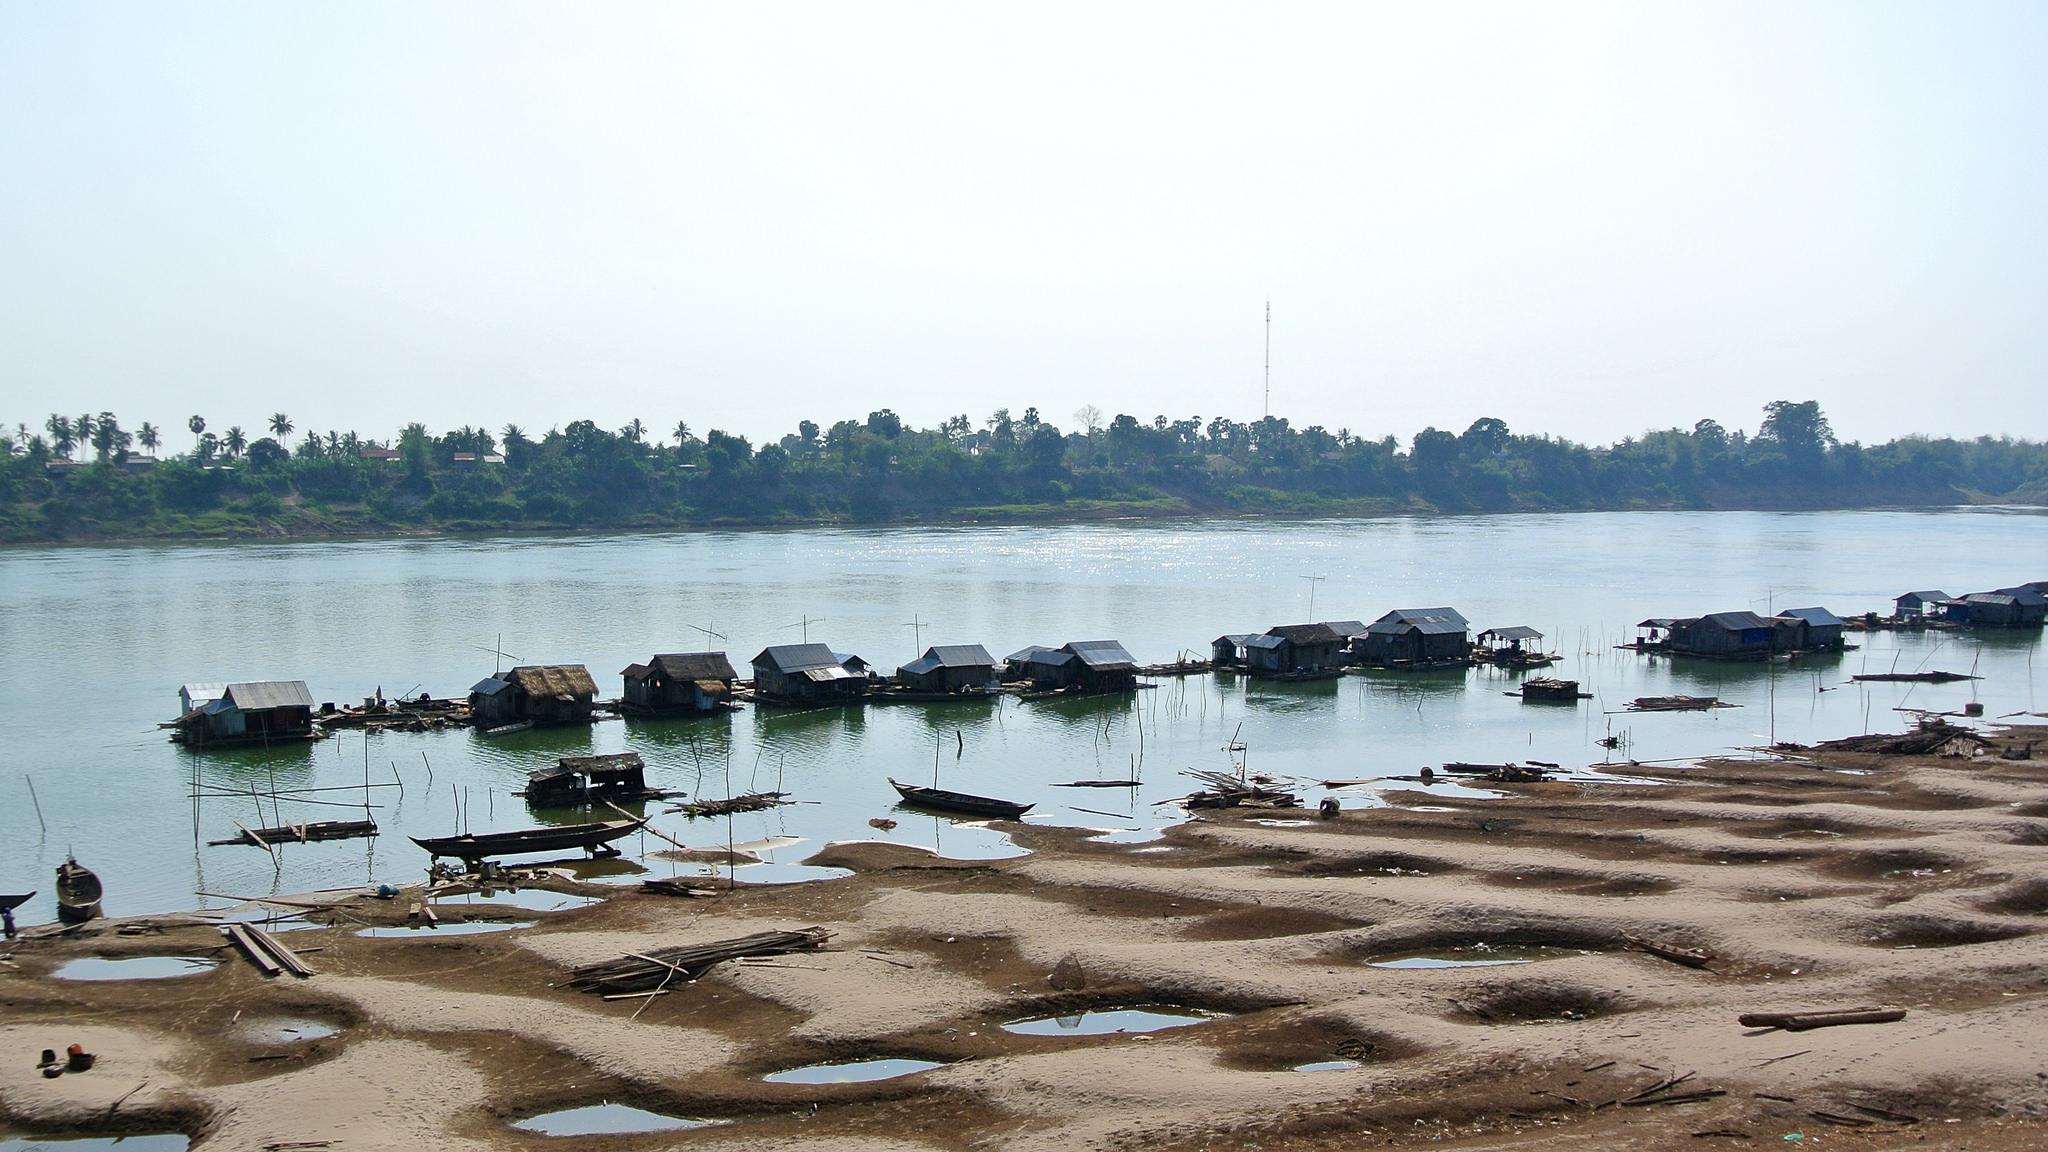 le rive del Mekong a Kratie, Cambogia